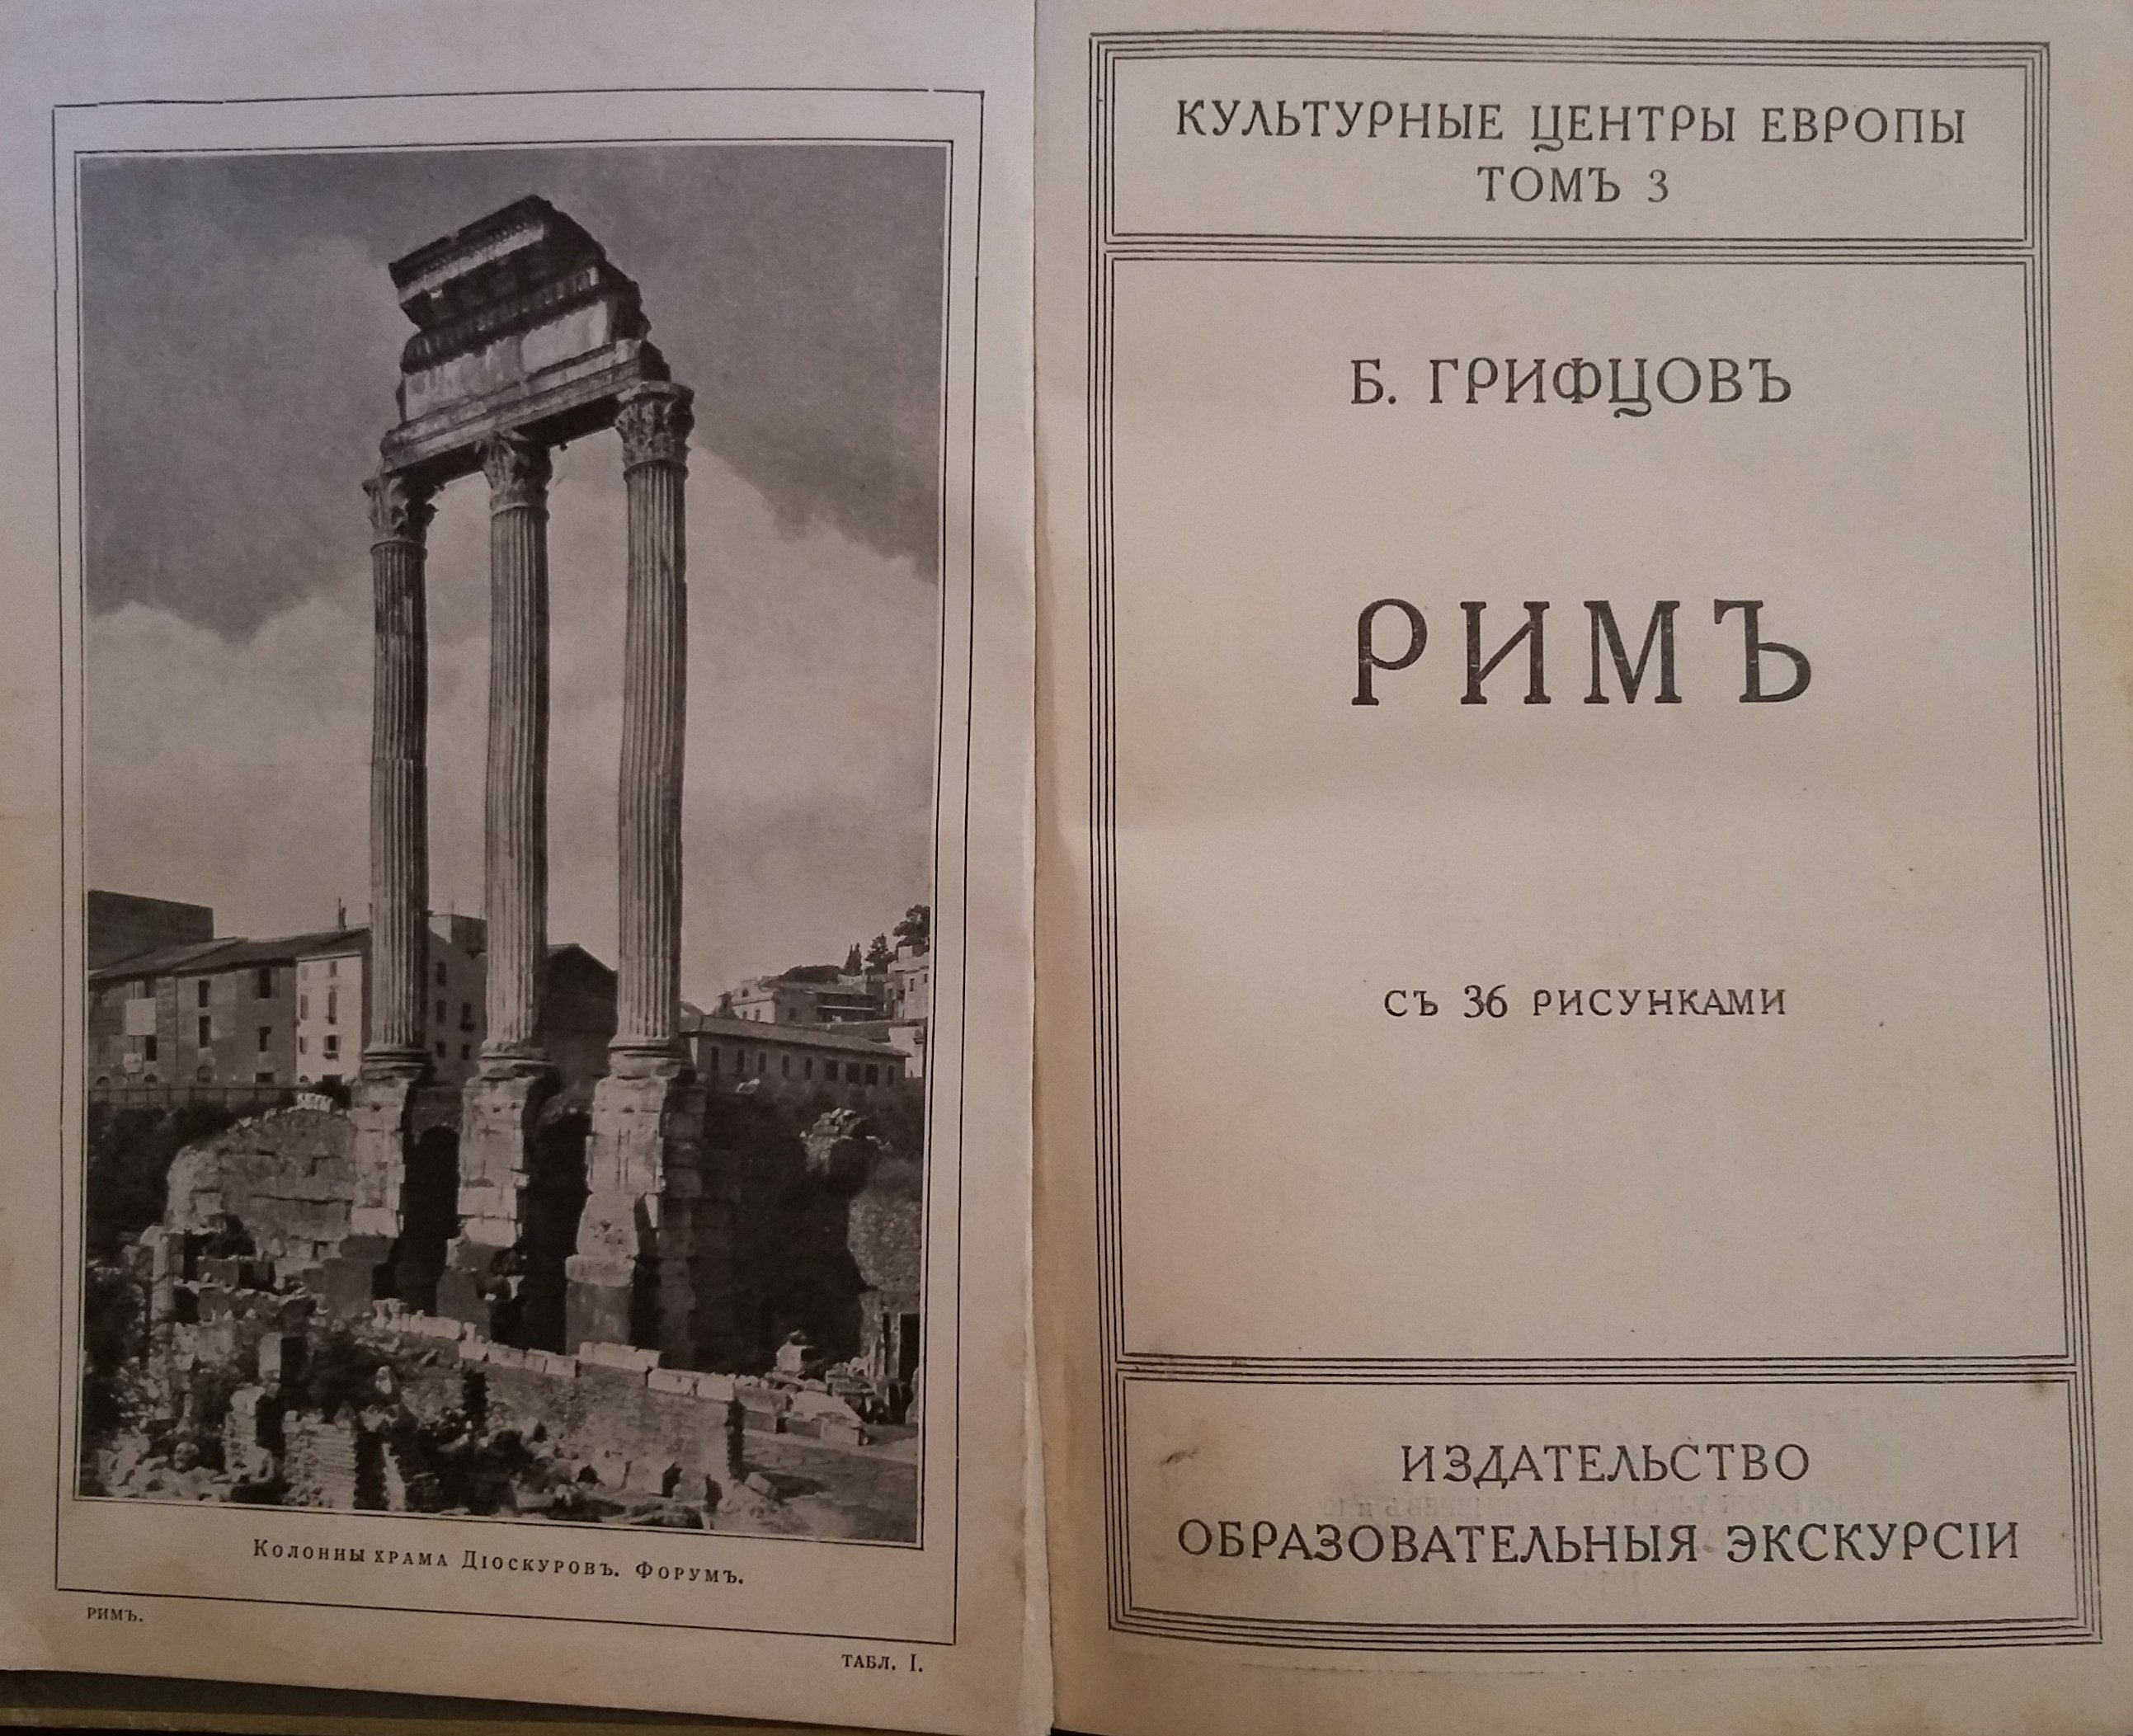 Грифцов Б. Рим. /  С 36 рисунками.- М.: Образоват. экскурсии, 1914.